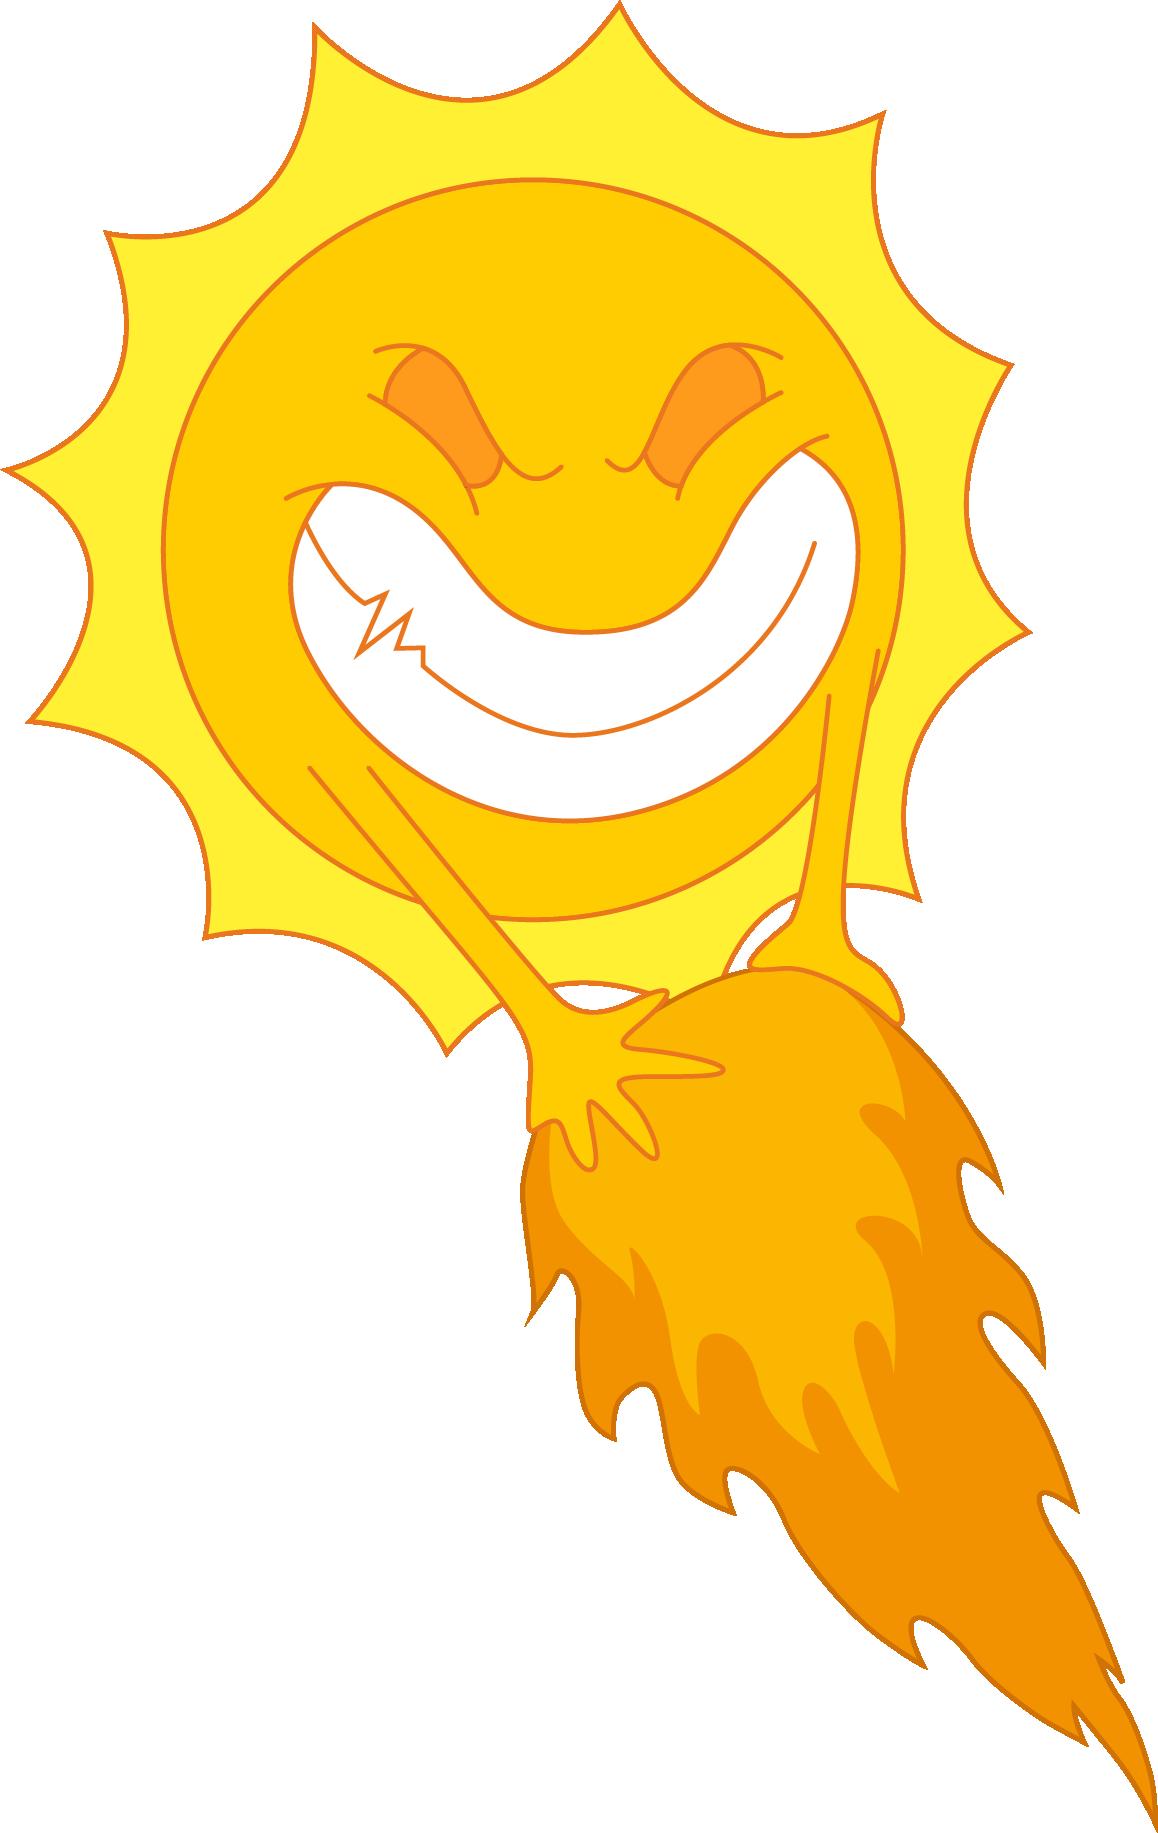 Coup de soleil les astuces au poil de nos grand m res - Comment faire passer un coup de soleil rapidement ...